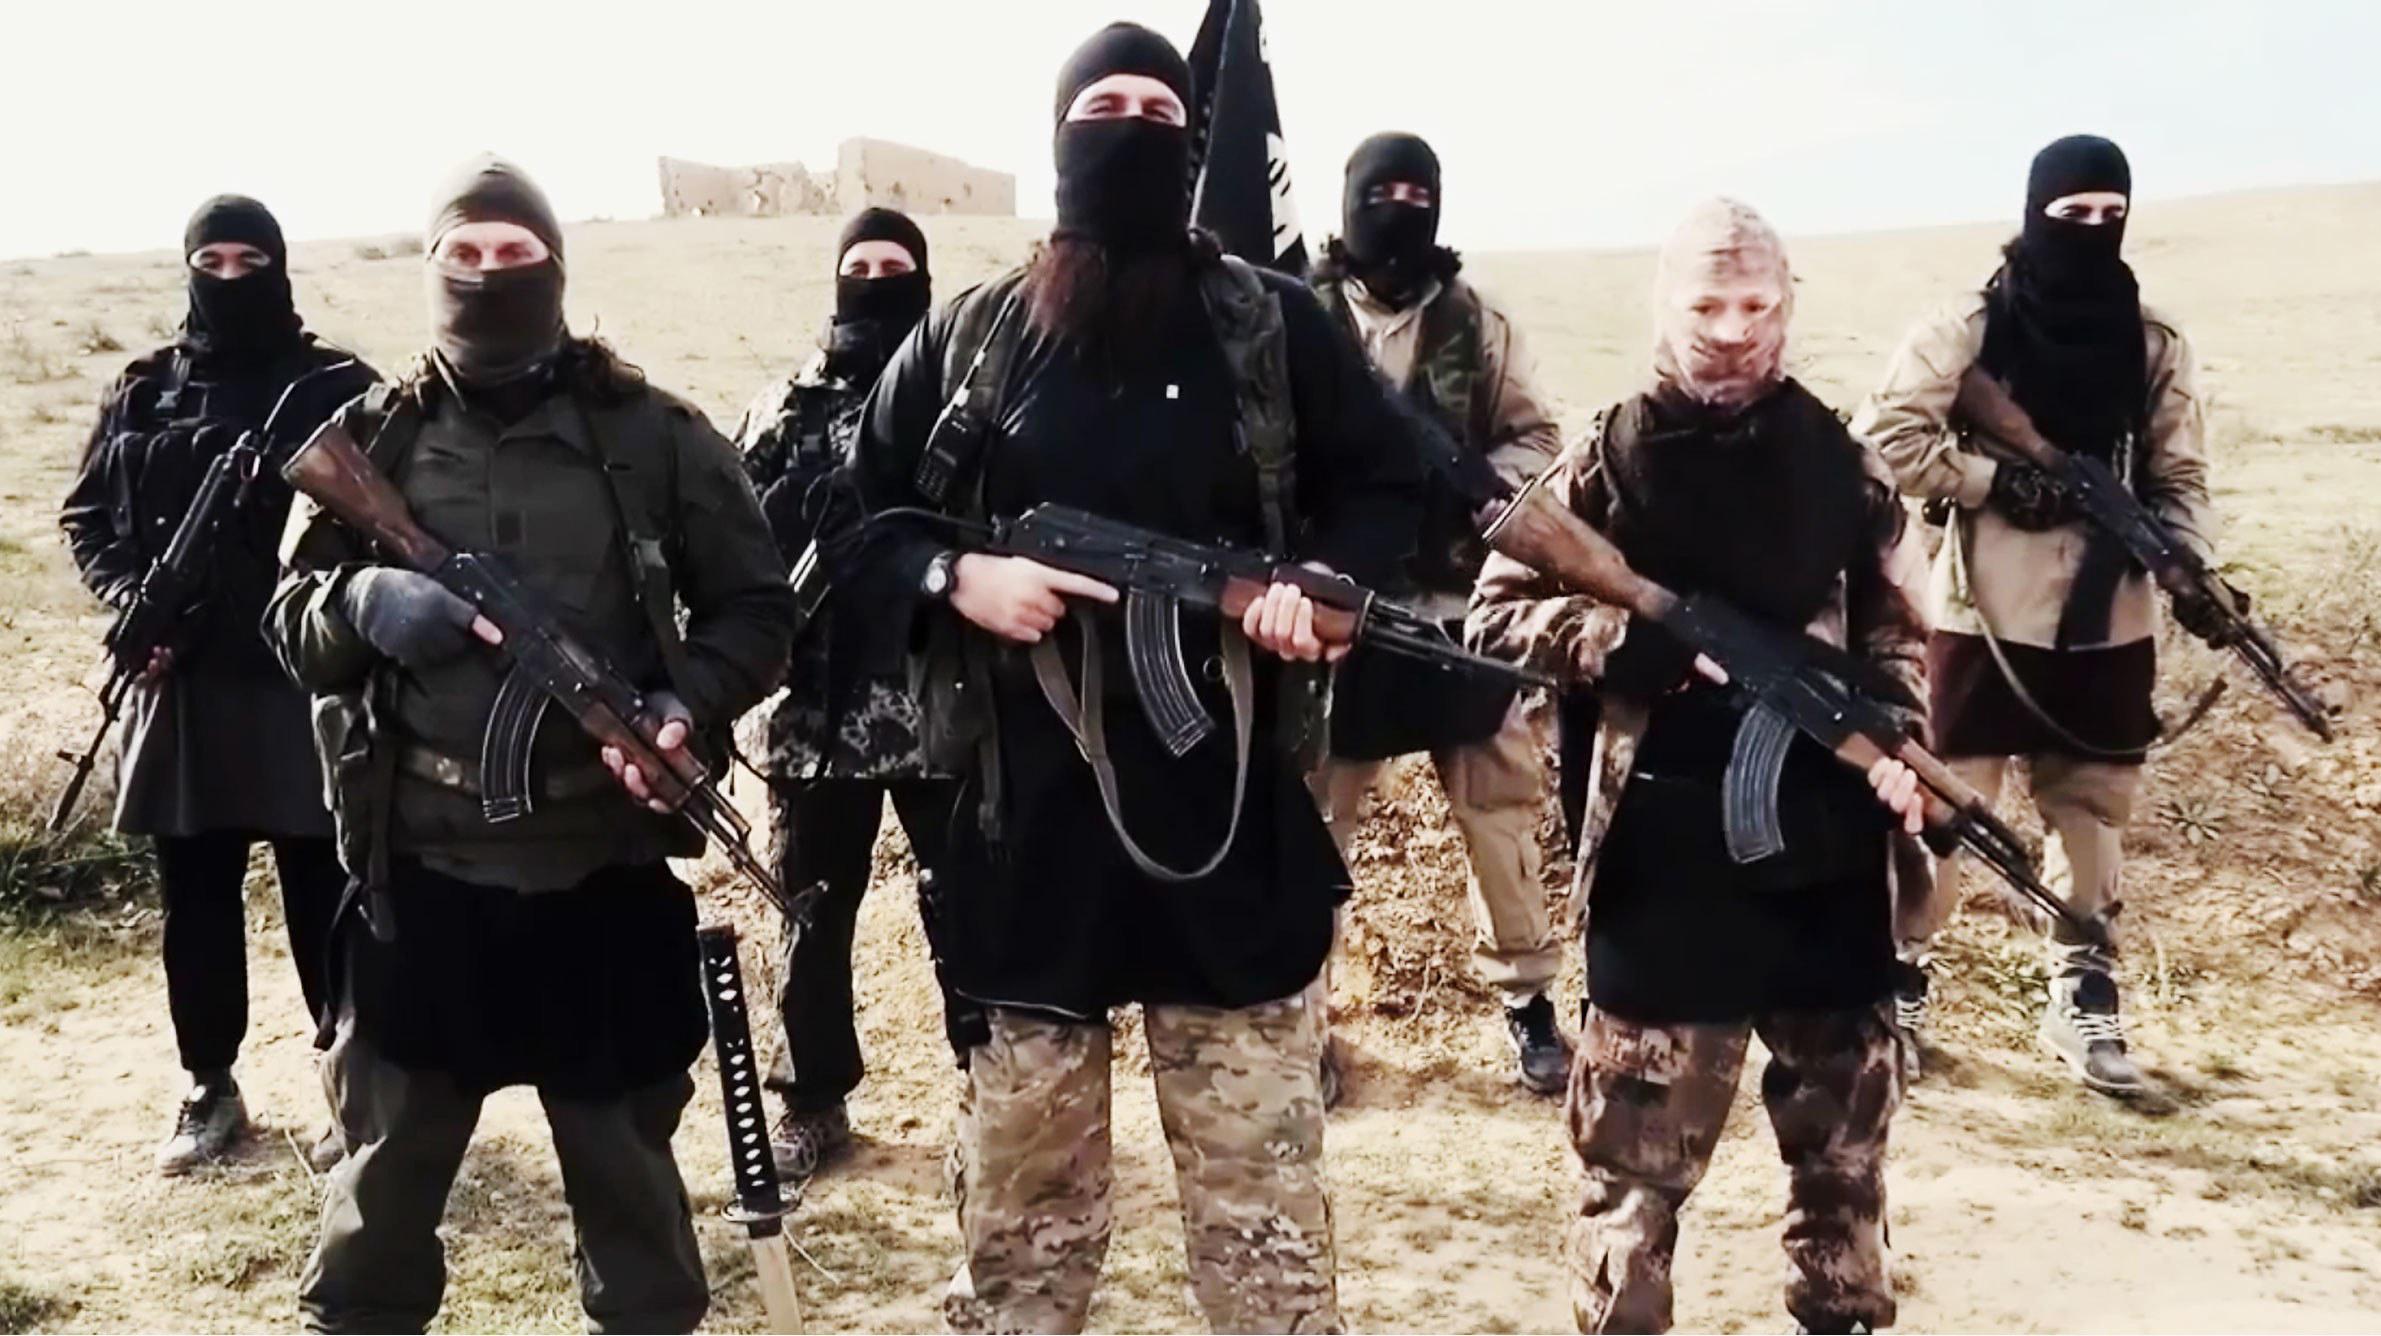 مهمترین پایگاه داعش در آستانه تصرف شبه نظامیان کُرد +نقشه میدانی